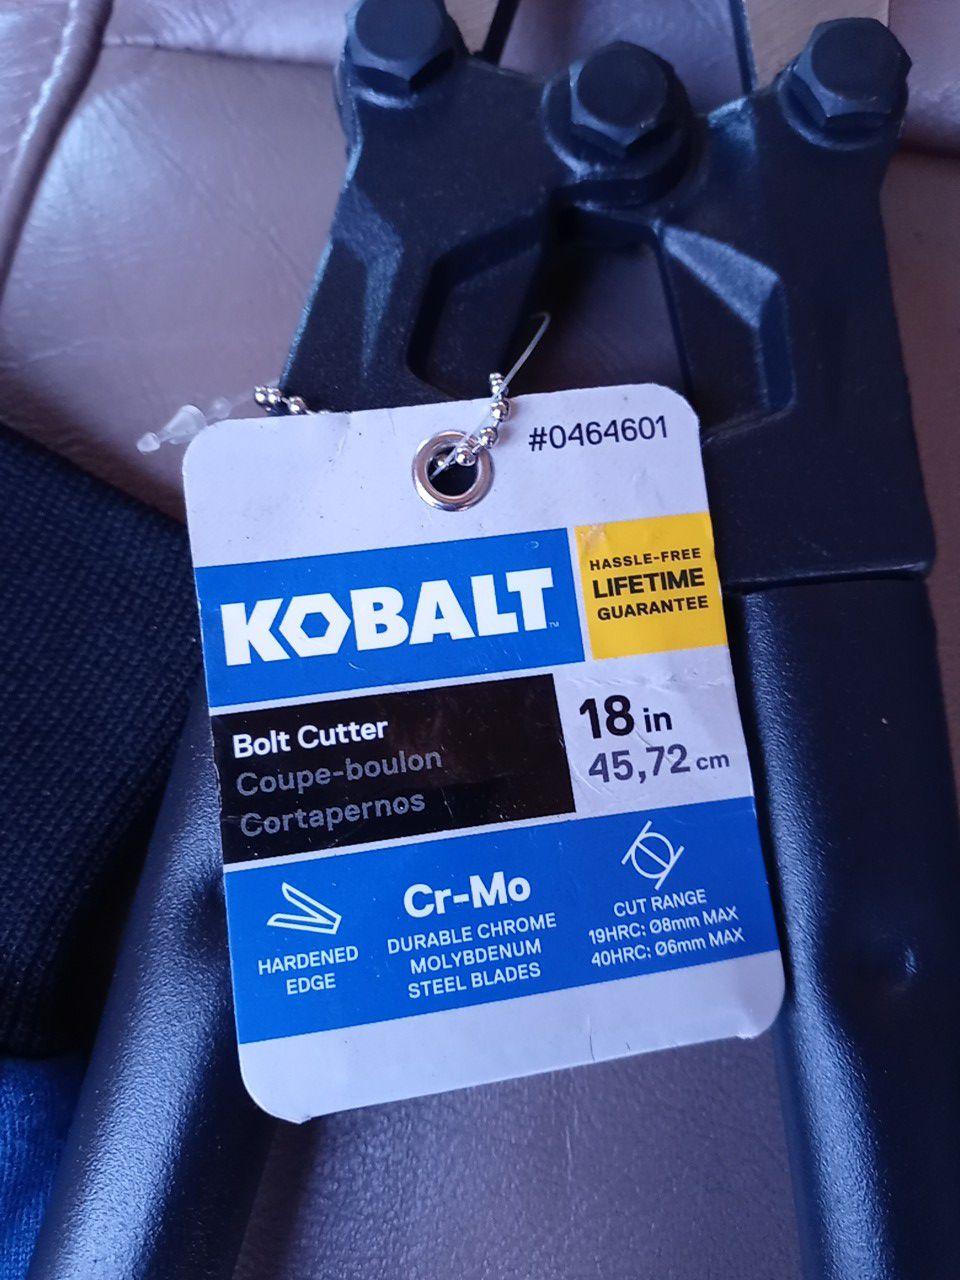 Kobalt BOLT CUTTERS ..WITH DODGERS GLOVES BUNDLE